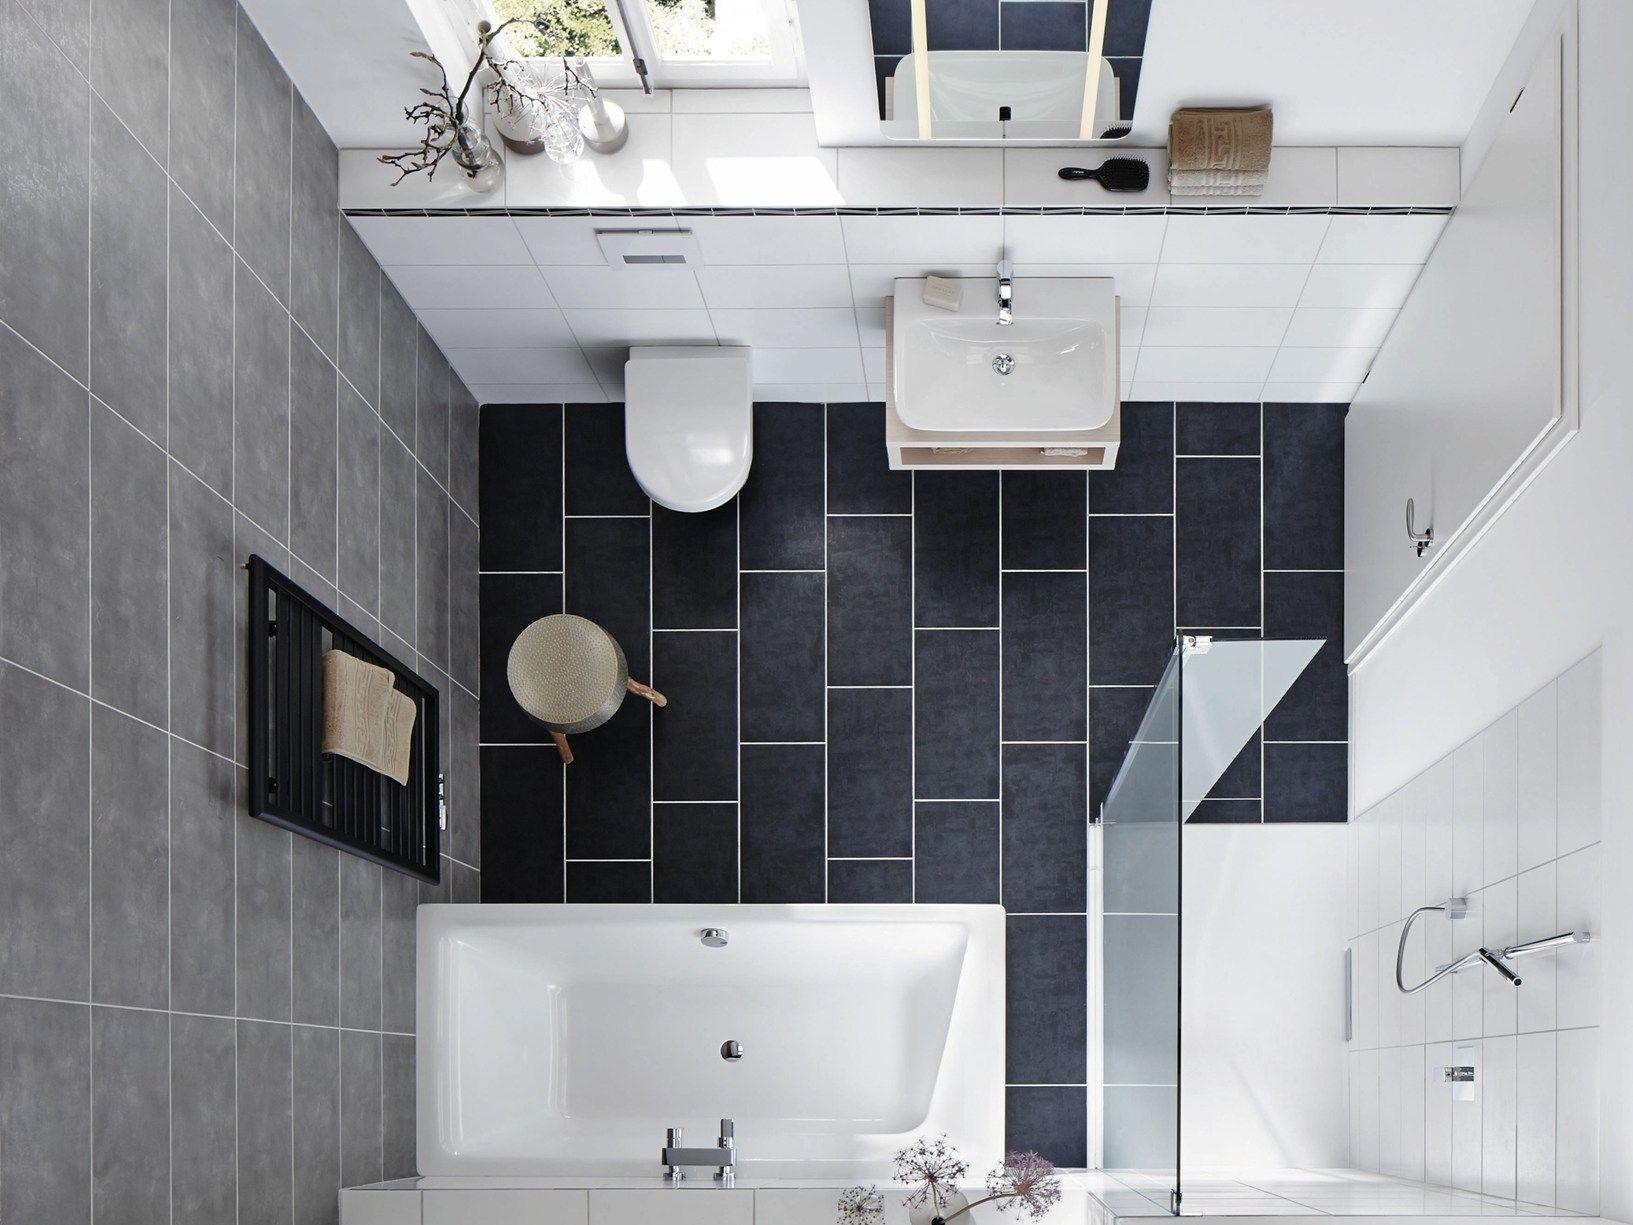 4622b3a742 18/08/2014 - Le dimensioni medie dei bagni non arrivano a 8 metri quadrati,  spesso ulteriormente ridotte da piccole nicchie o sporgenze.